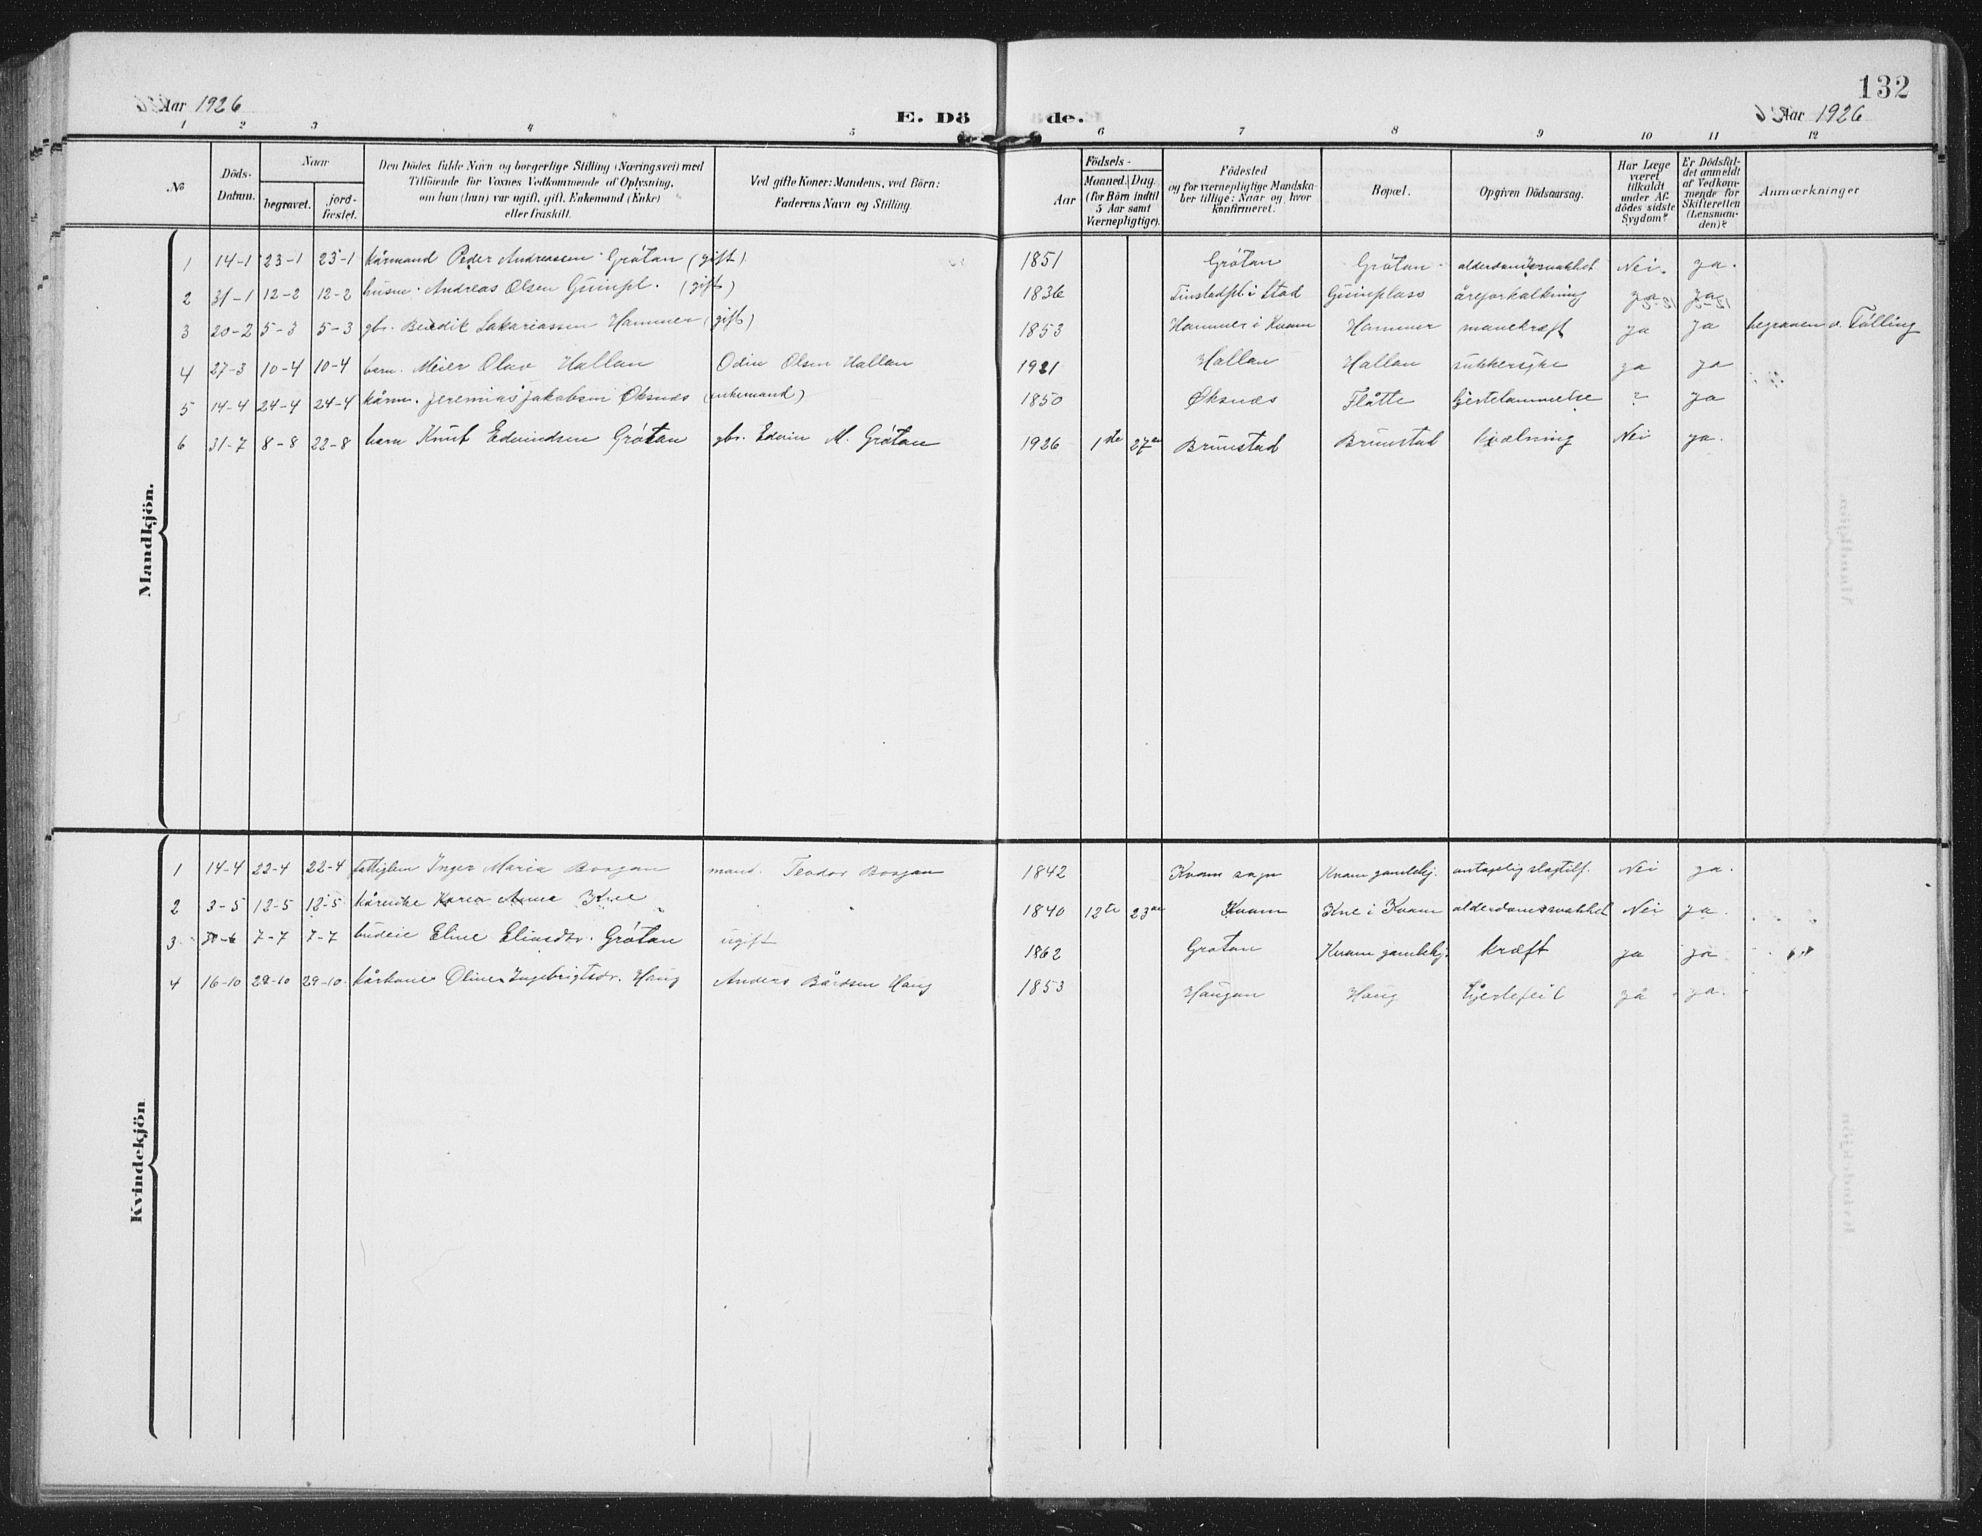 SAT, Ministerialprotokoller, klokkerbøker og fødselsregistre - Nord-Trøndelag, 747/L0460: Klokkerbok nr. 747C02, 1908-1939, s. 132